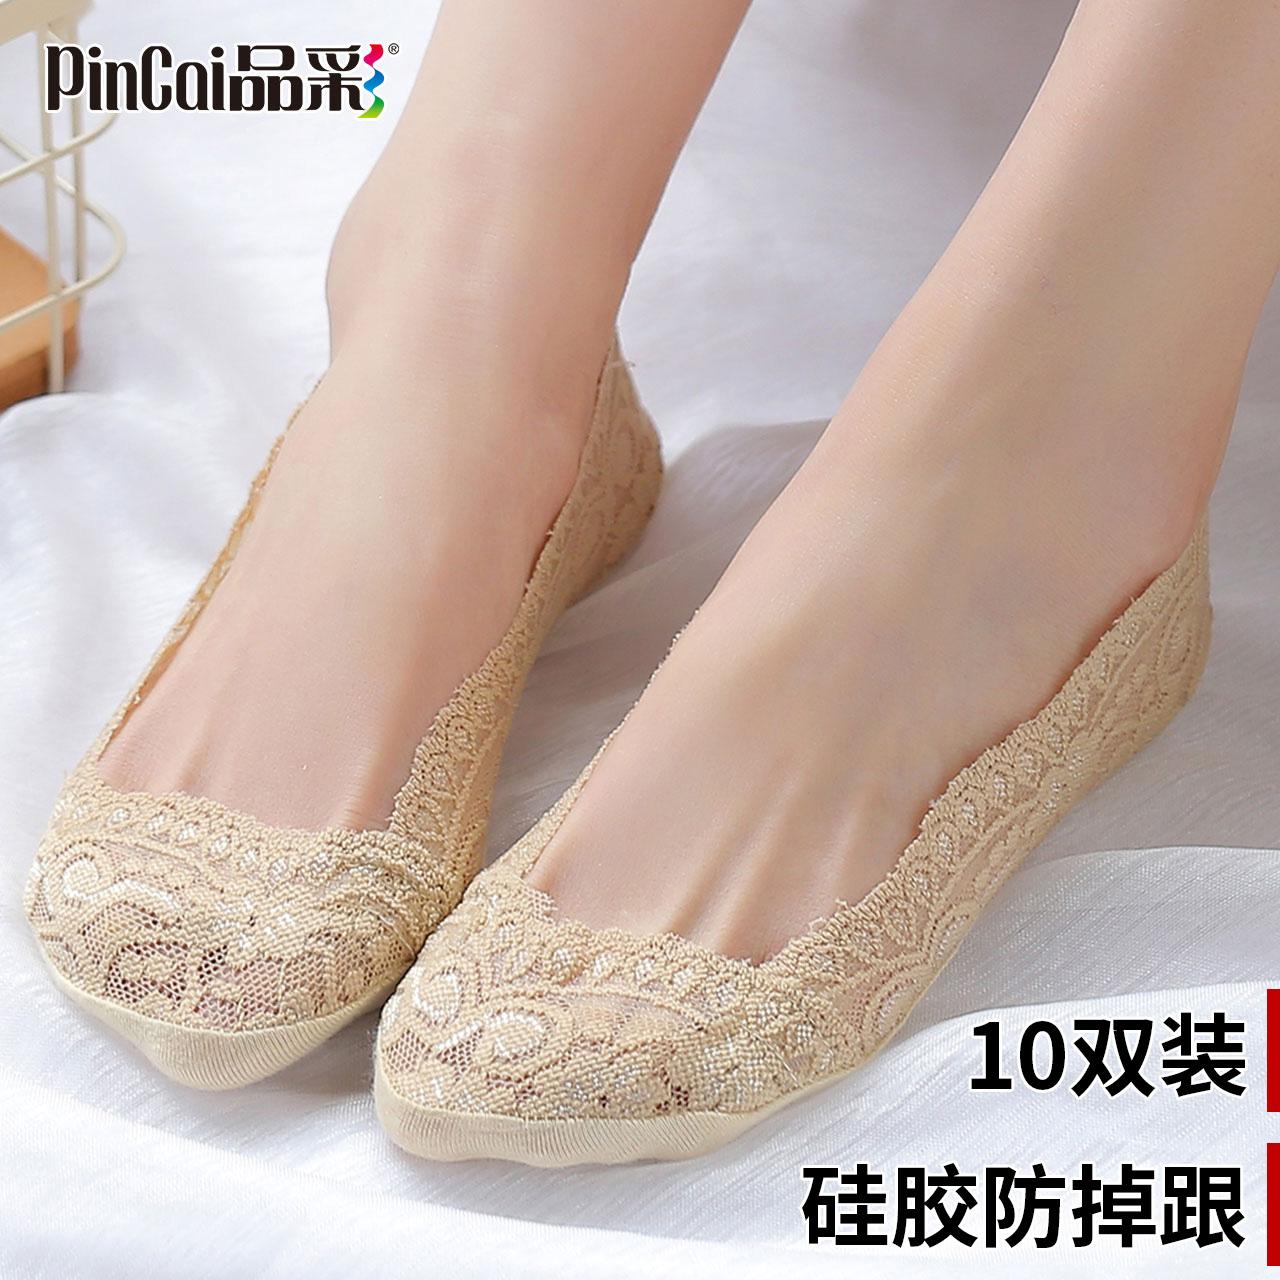 品彩袜子女棉底防滑吸汗短袜耐磨型短袜女短丝袜透明隐形